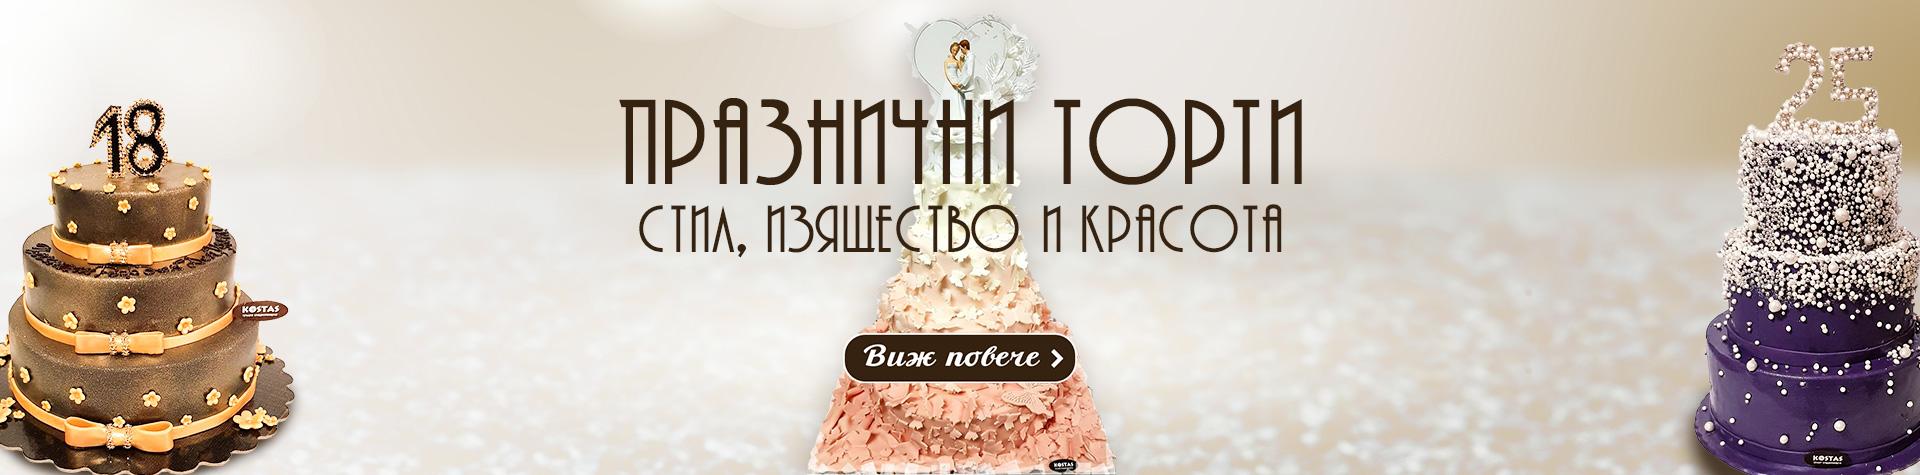 https://kostas.bg/image/cache/catalog/slider/torti-praznichni-1920x475-0.jpg